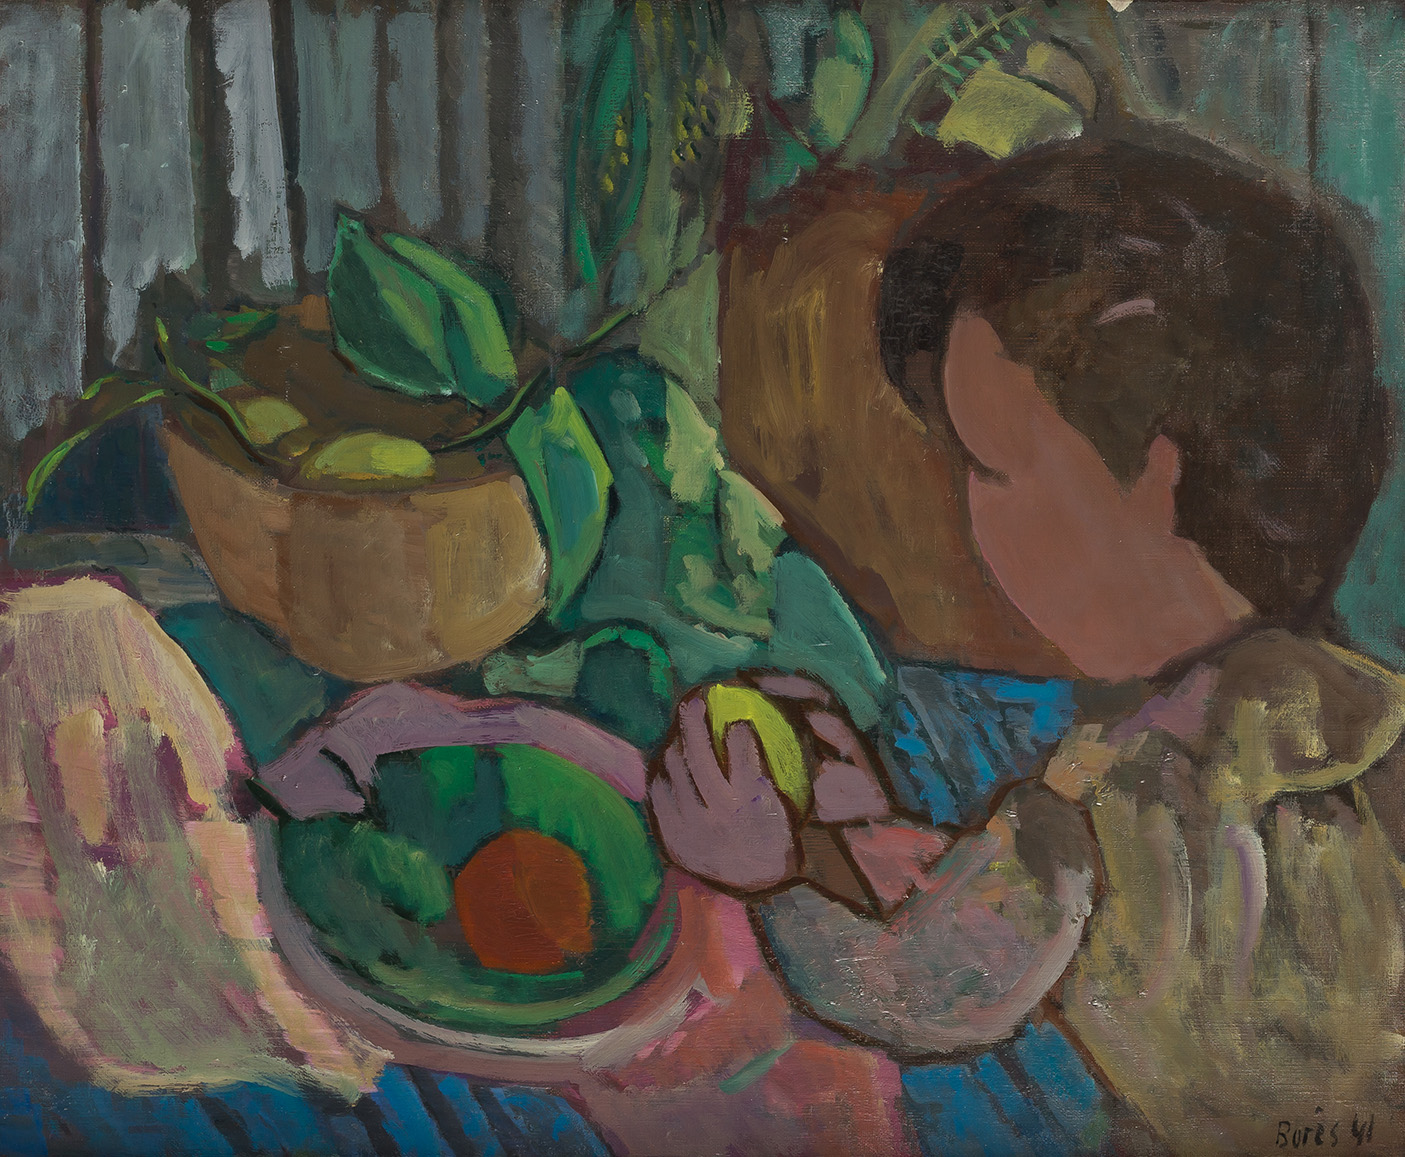 Francisco-Bores-Nino-con-un-limon-1941